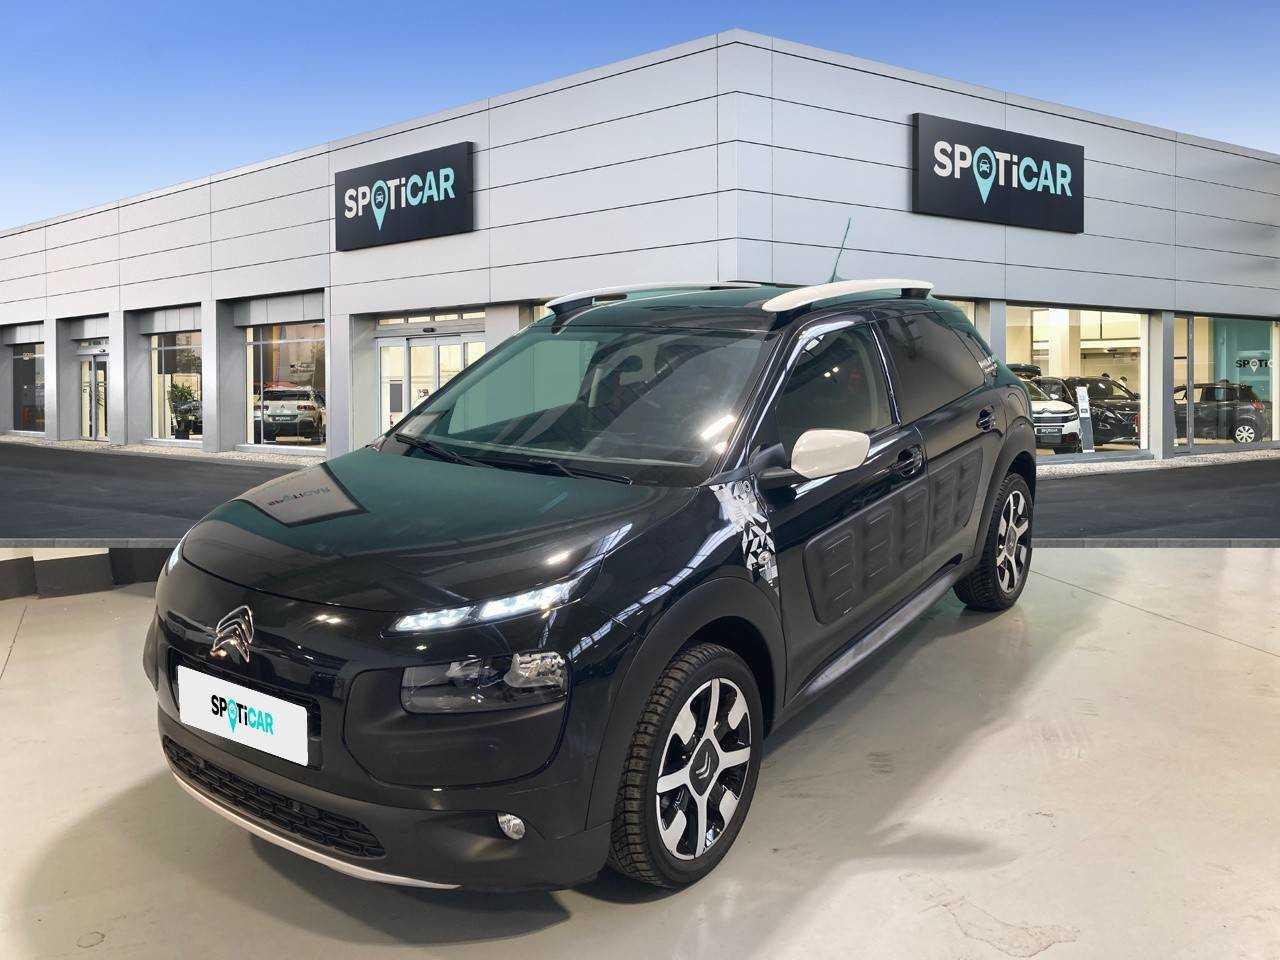 Citroën C4 Cactus ocasión segunda mano 2017 Diésel por 11.900€ en Barcelona